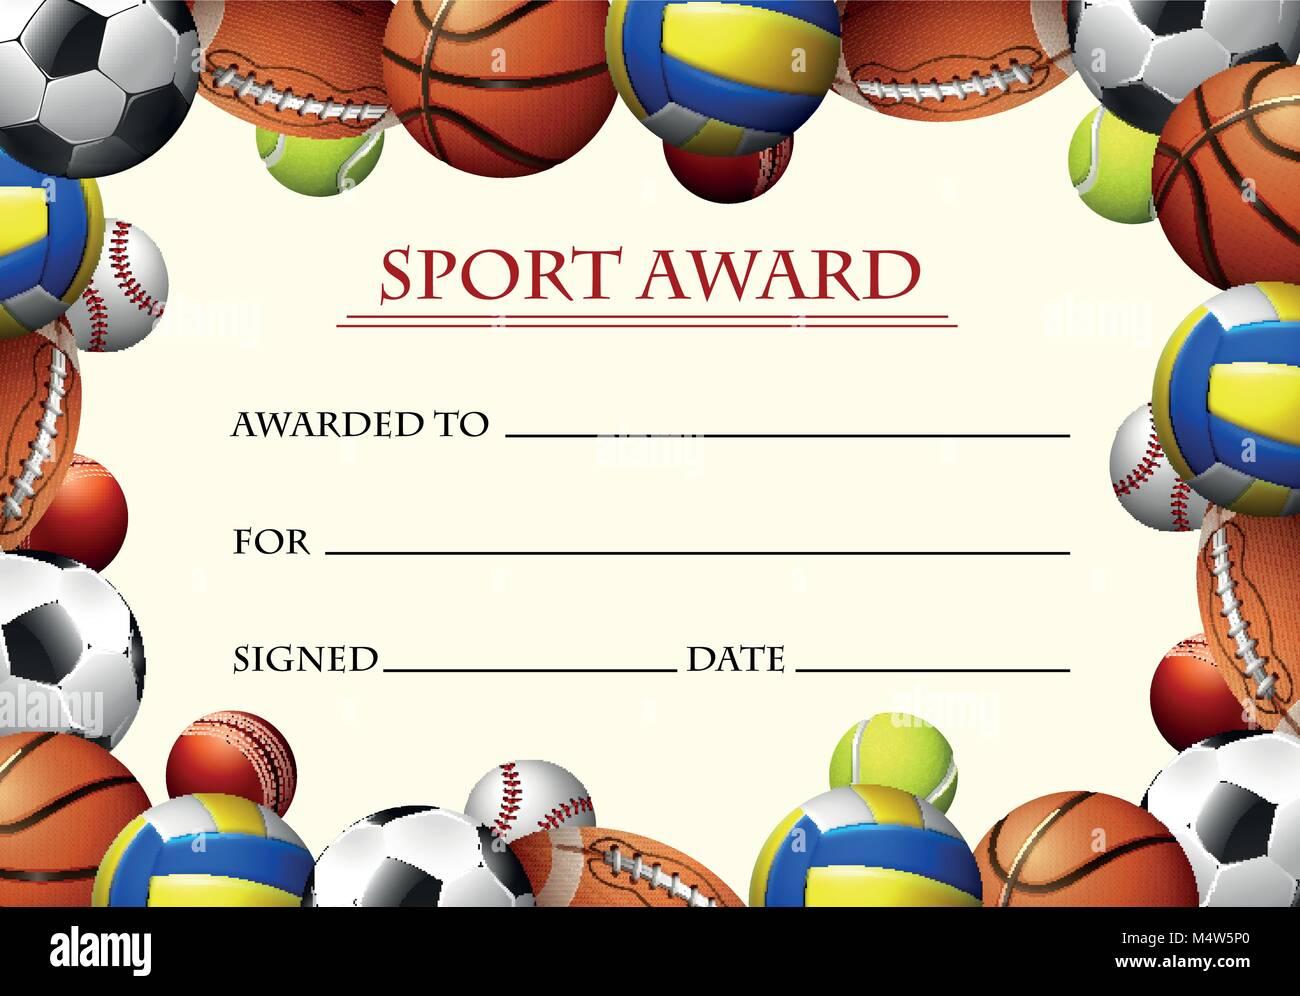 certificate template for sport award illustration stock vector art